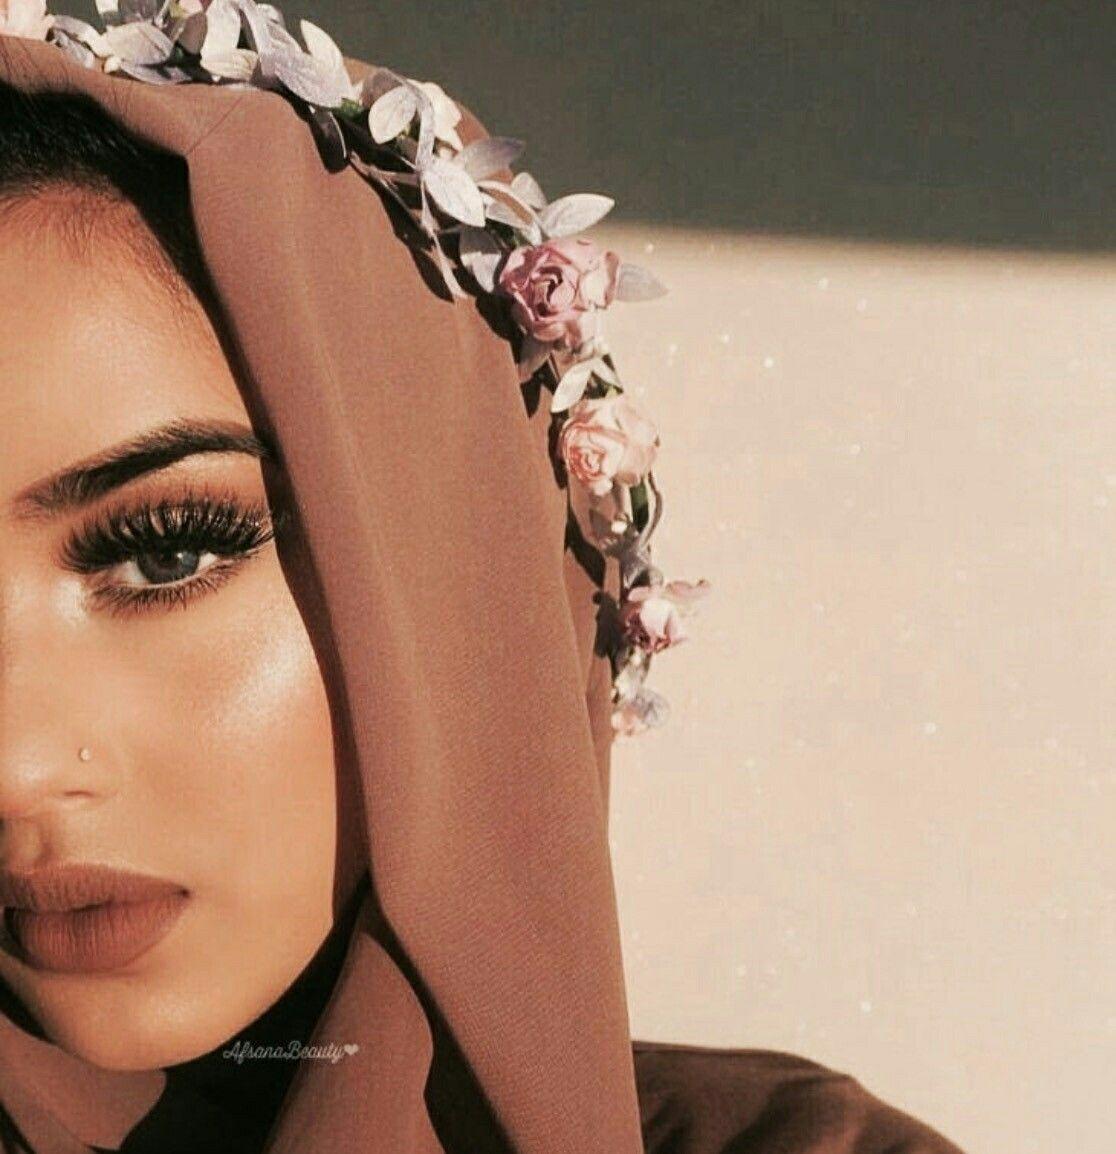 Pin by Mizore Roxy on Makeup Hijab makeup, Makeup